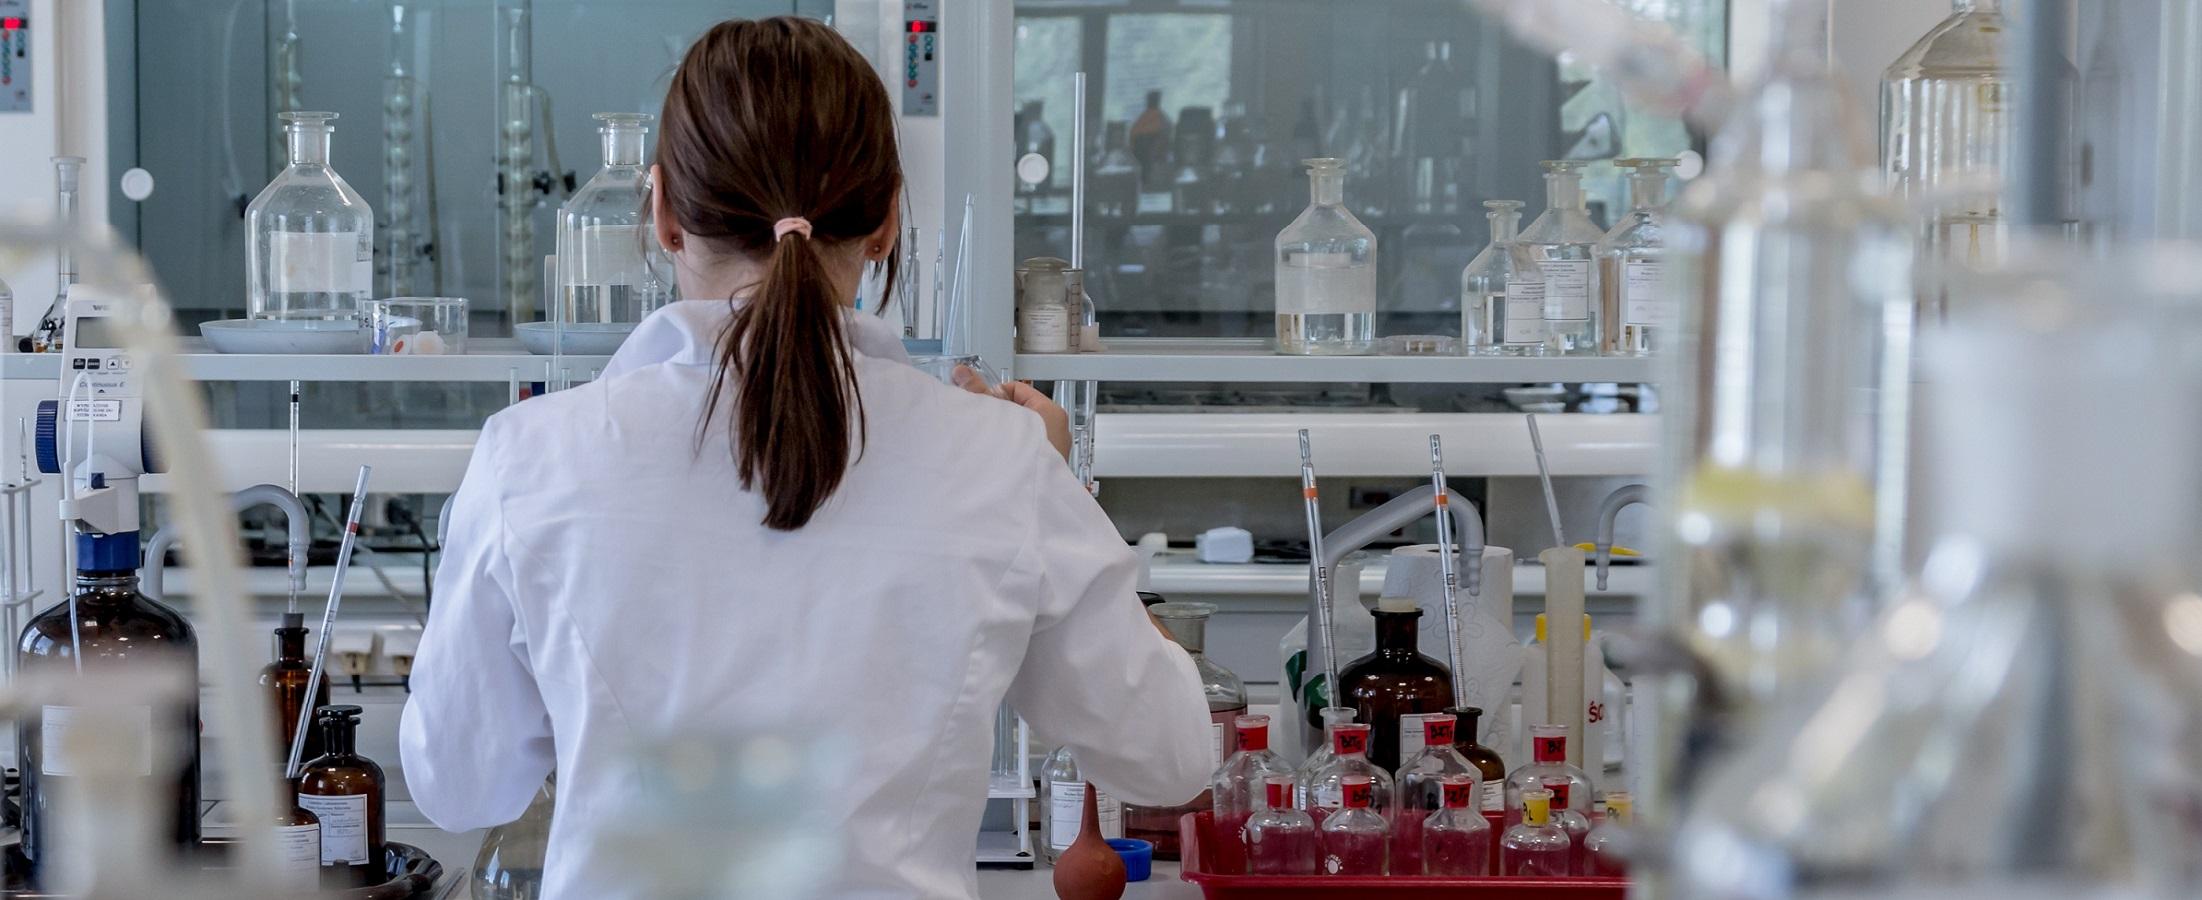 Soutenez la recherche contre le cancer avec Foncer